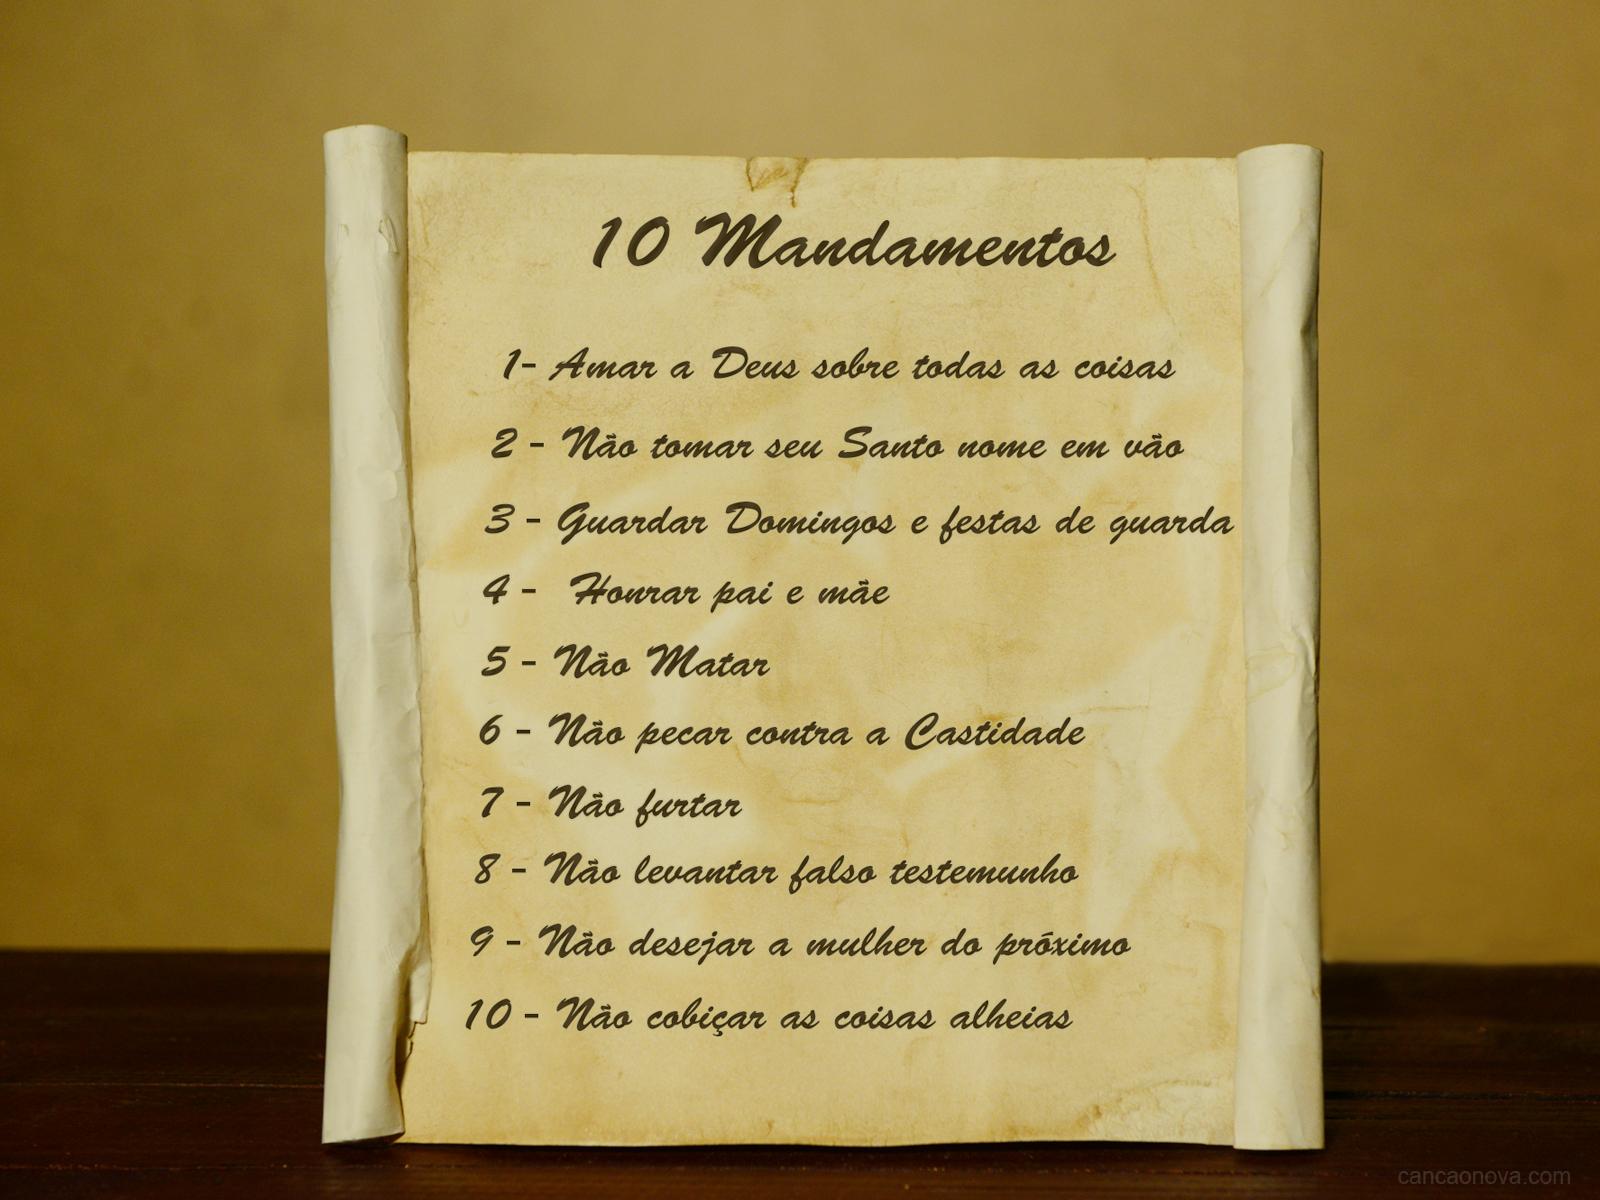 Os dez mandamentos em perguntas simples e diretas